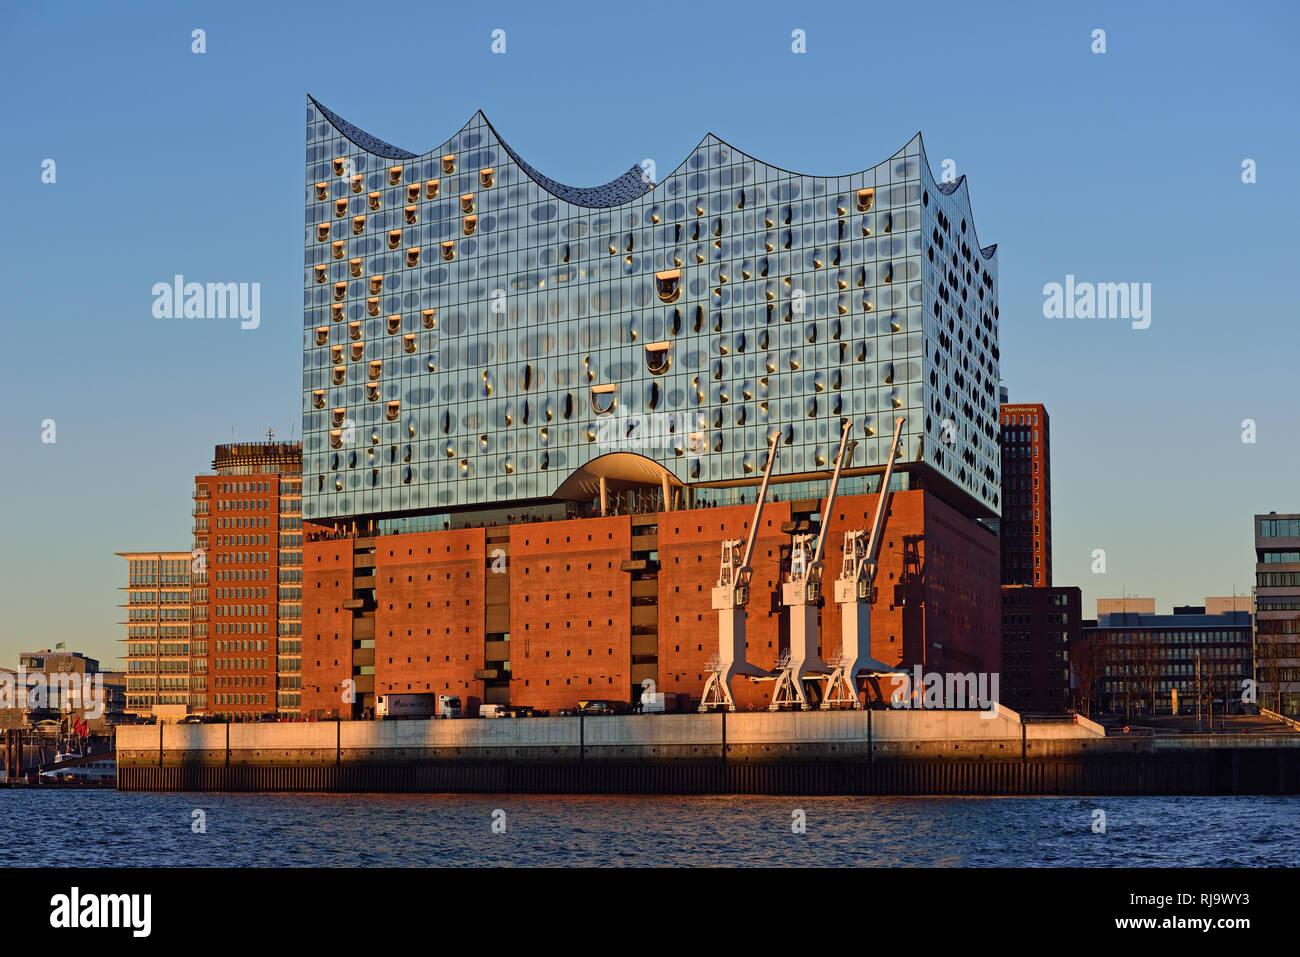 Hamburgs Wahrzeichen Stock Photos Hamburgs Wahrzeichen Stock